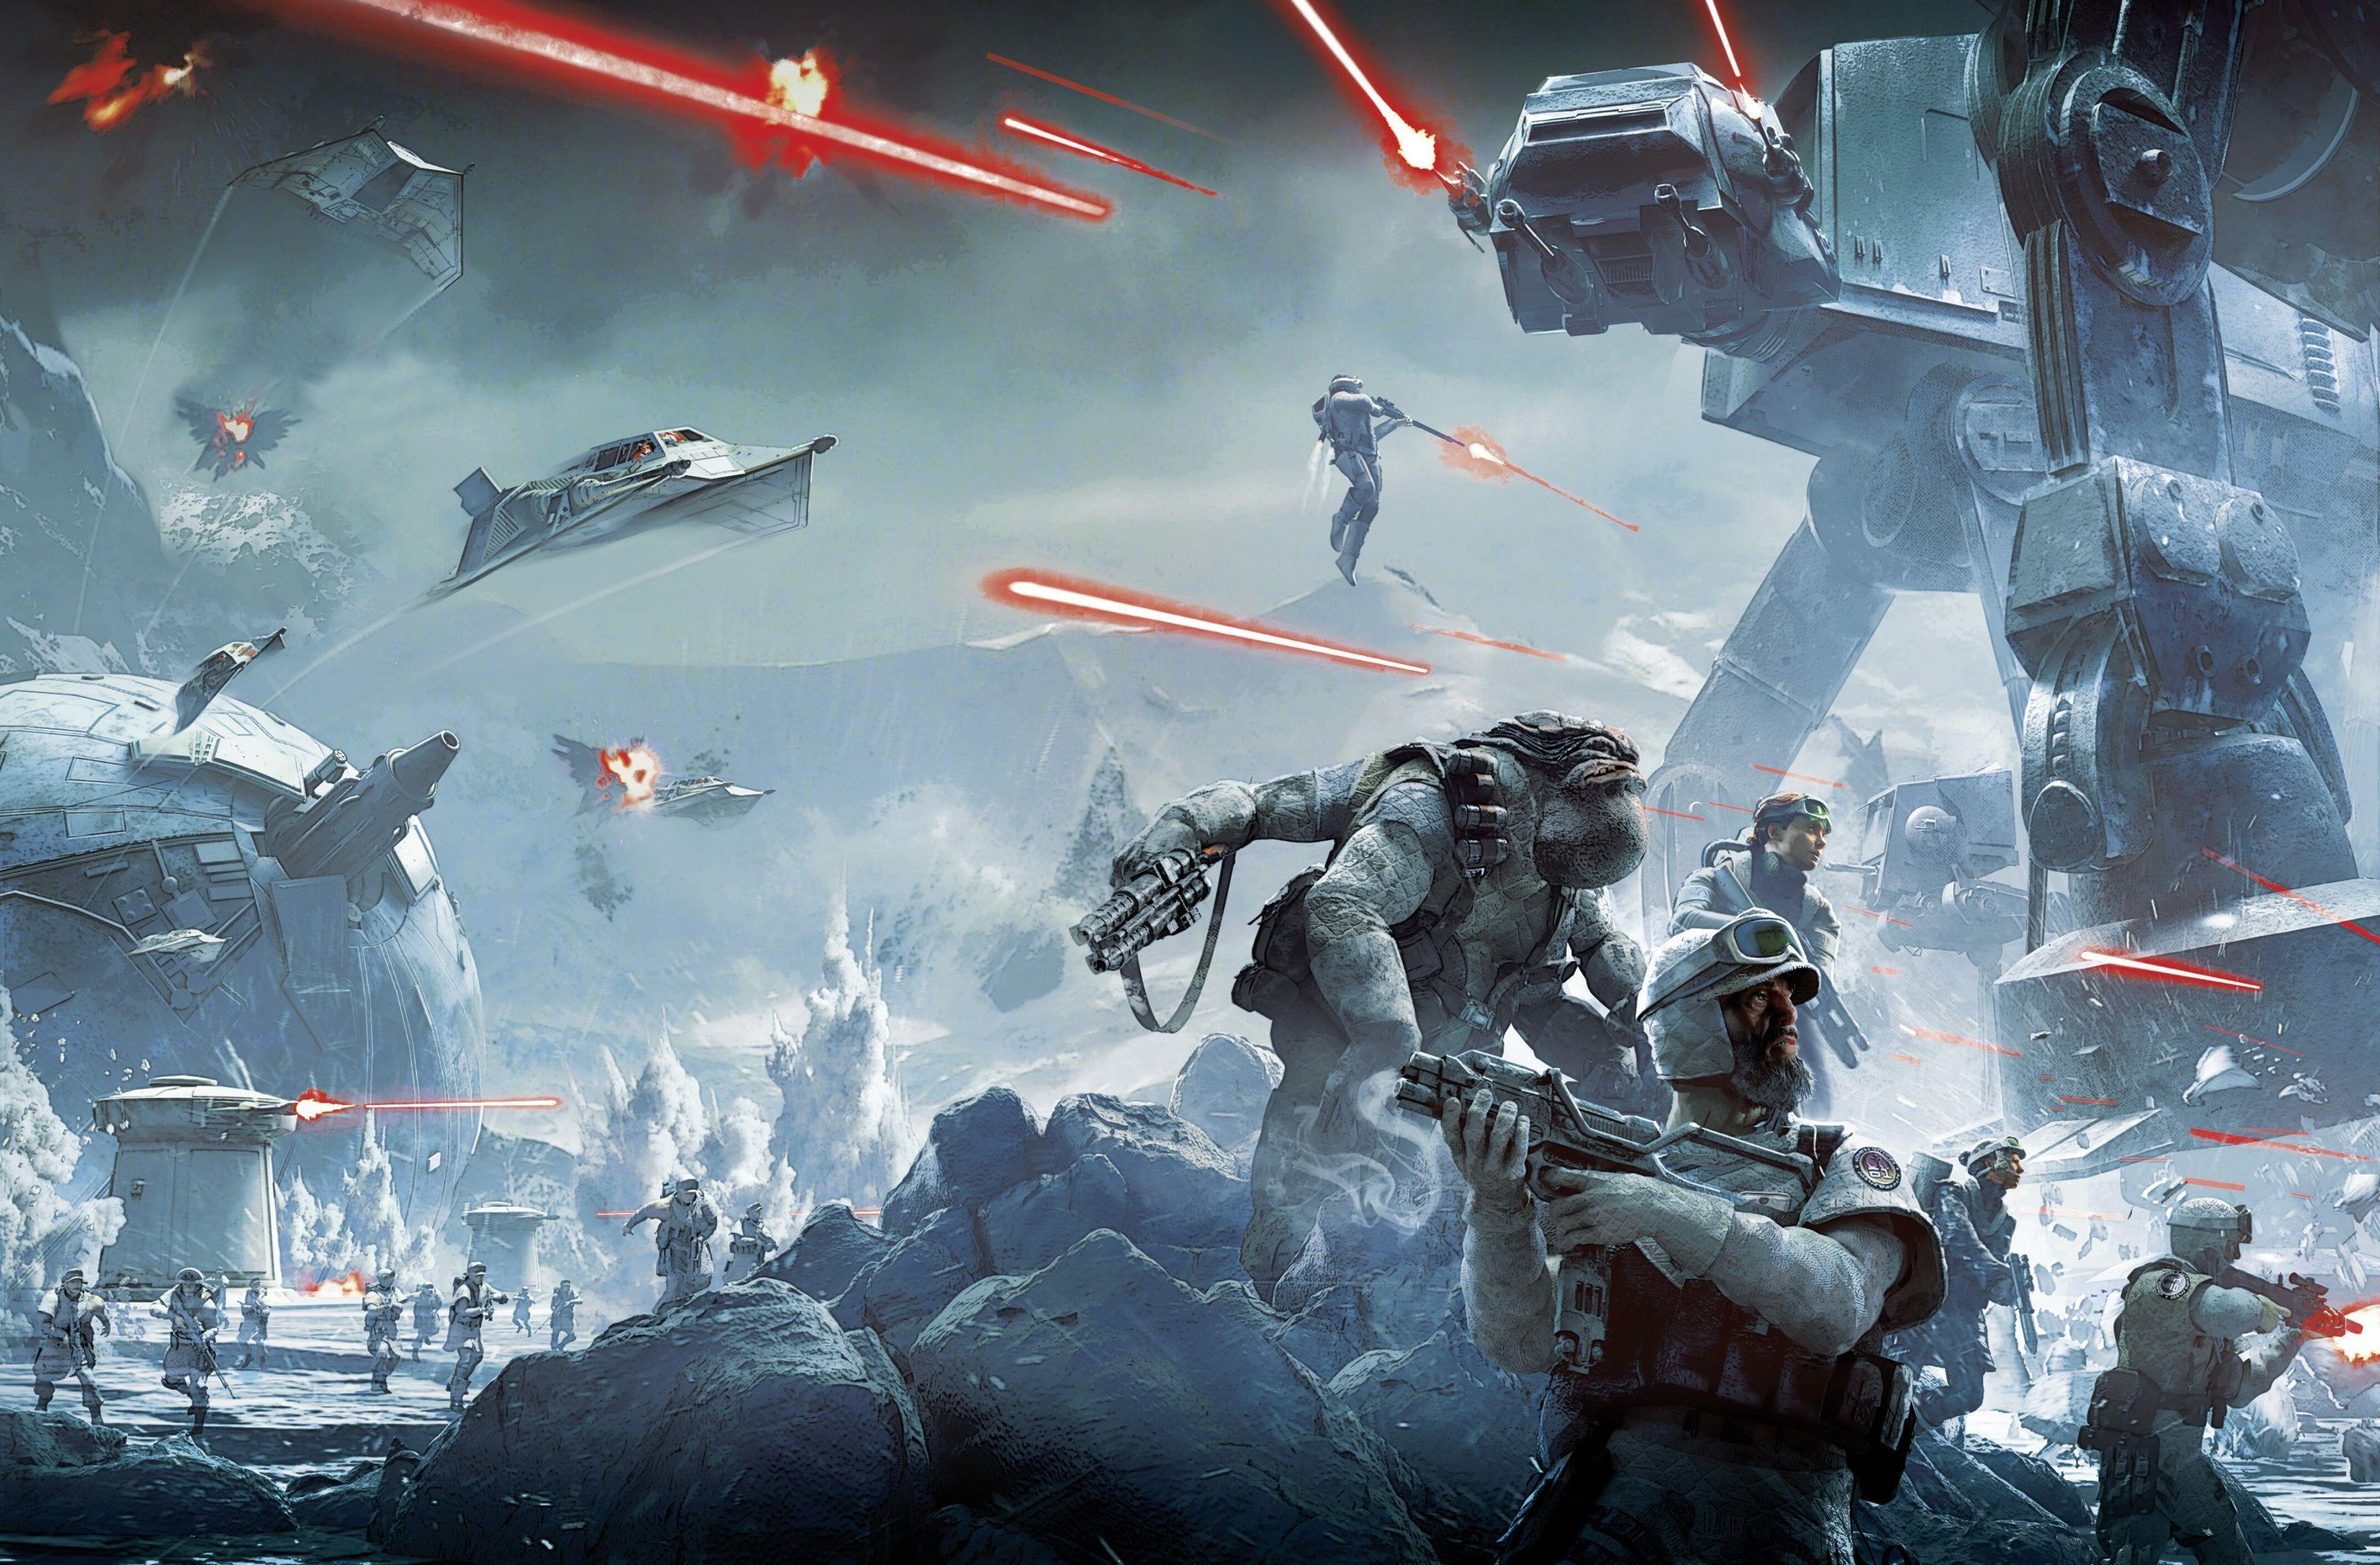 Star Wars The Clone Wars Wallpaper Star Wars Battlefront Art 3840x2525 Wallpaper Teahub Io